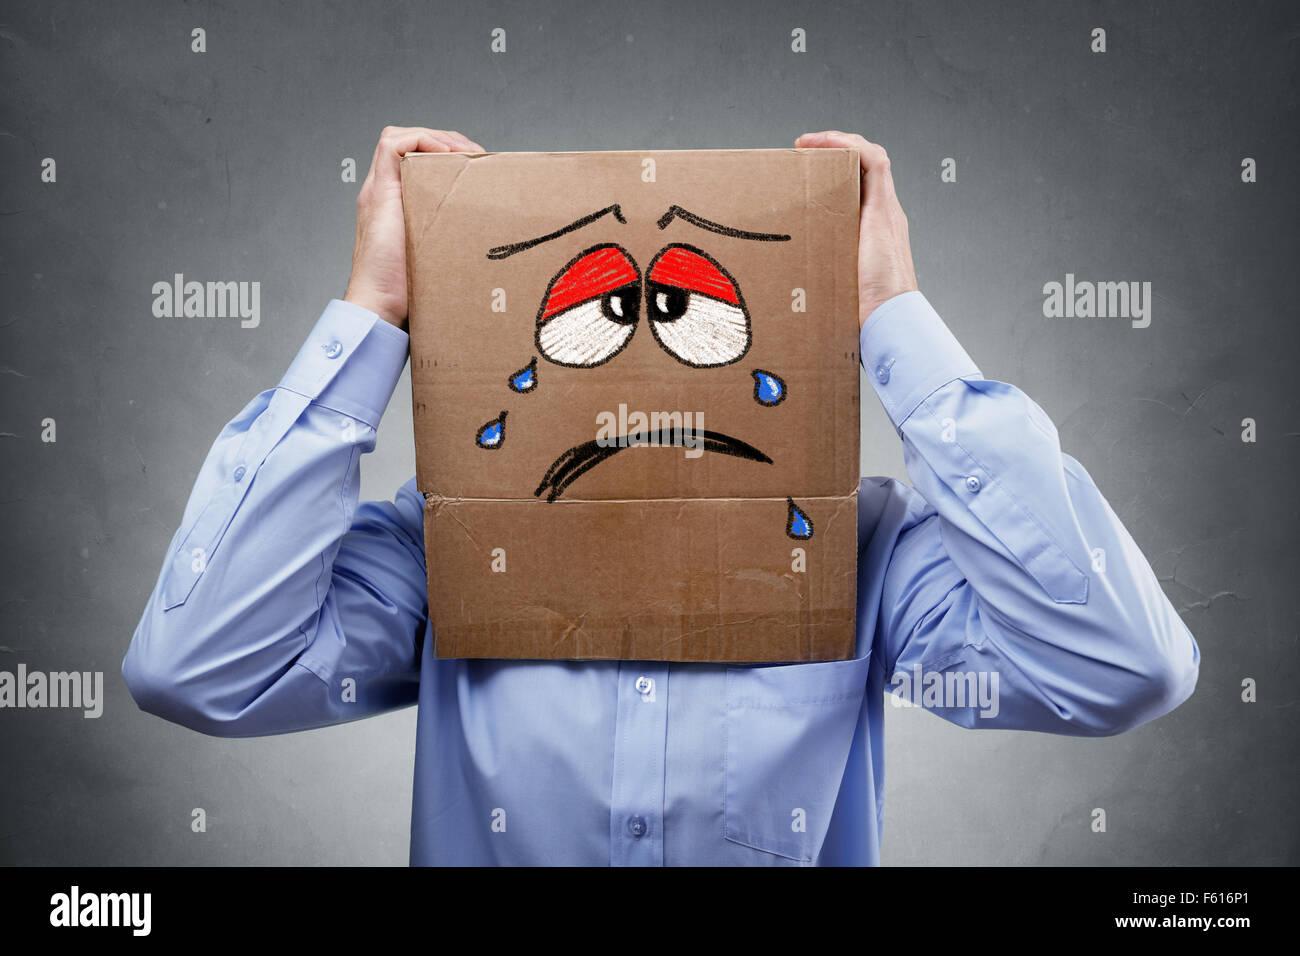 Mann mit Karton auf dem Kopf zeigt traurigen Ausdruck Stockbild